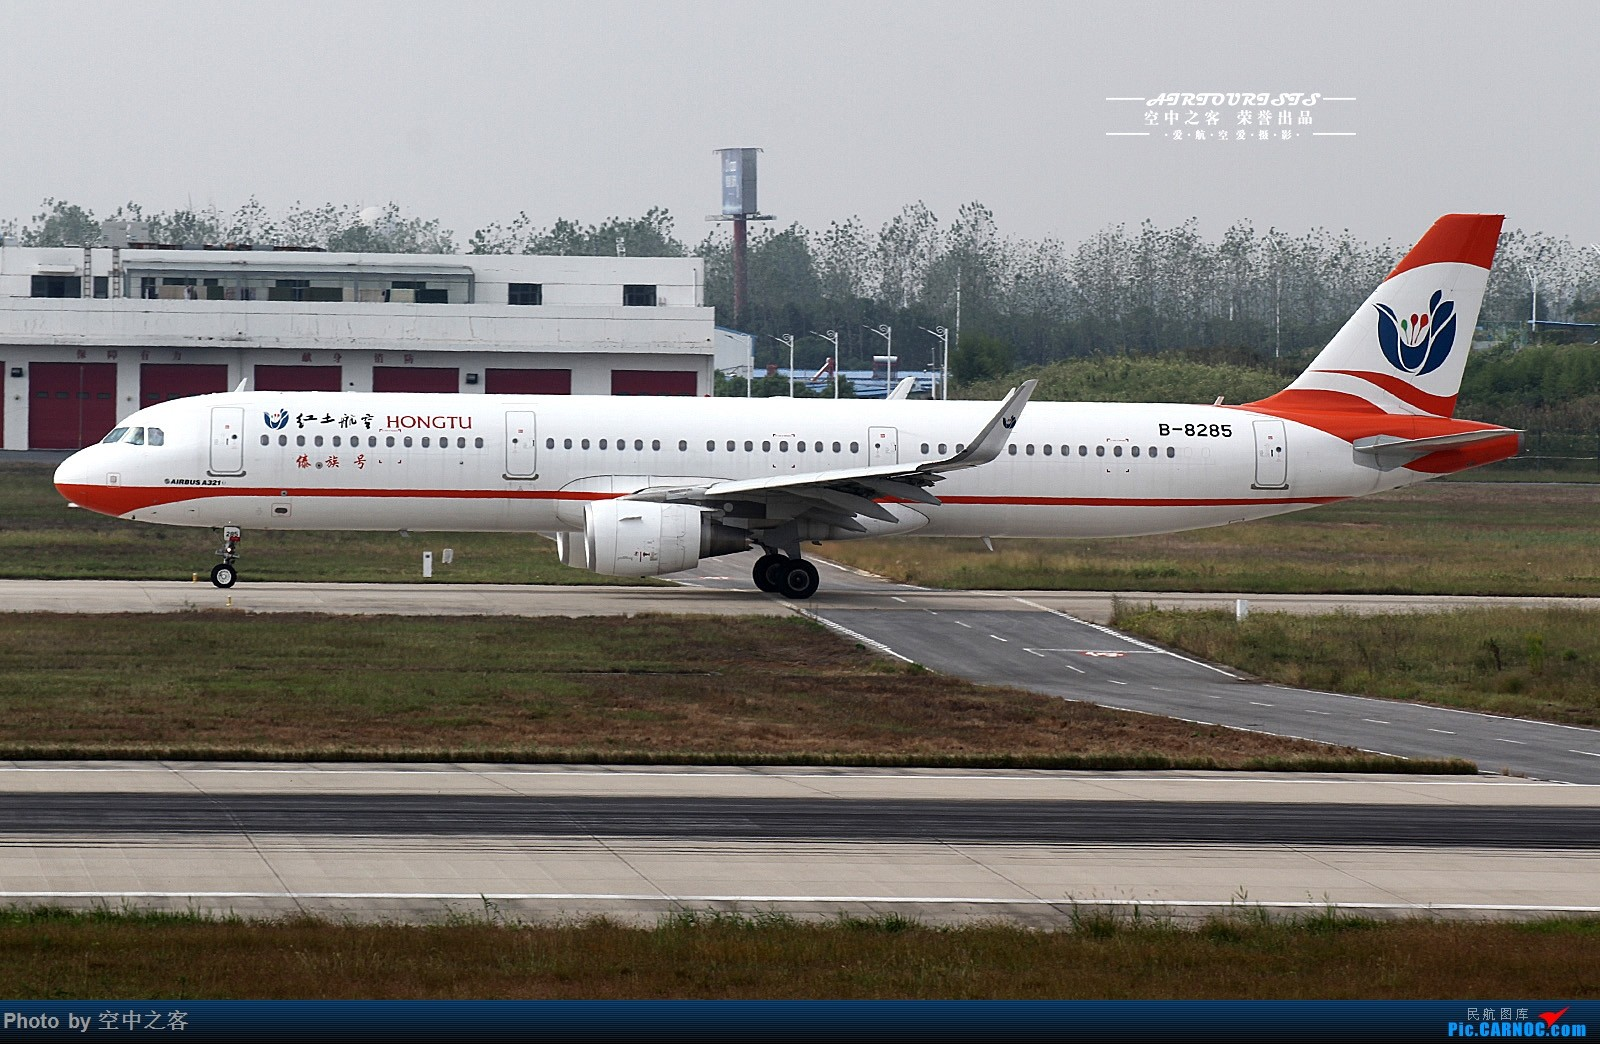 Re:[原创][合肥飞友会·霸都打机队 空中之客出品]国庆假期桥机场33跑道找了个新位置 AIRBUS A321-200 B-8285 合肥新桥国际机场